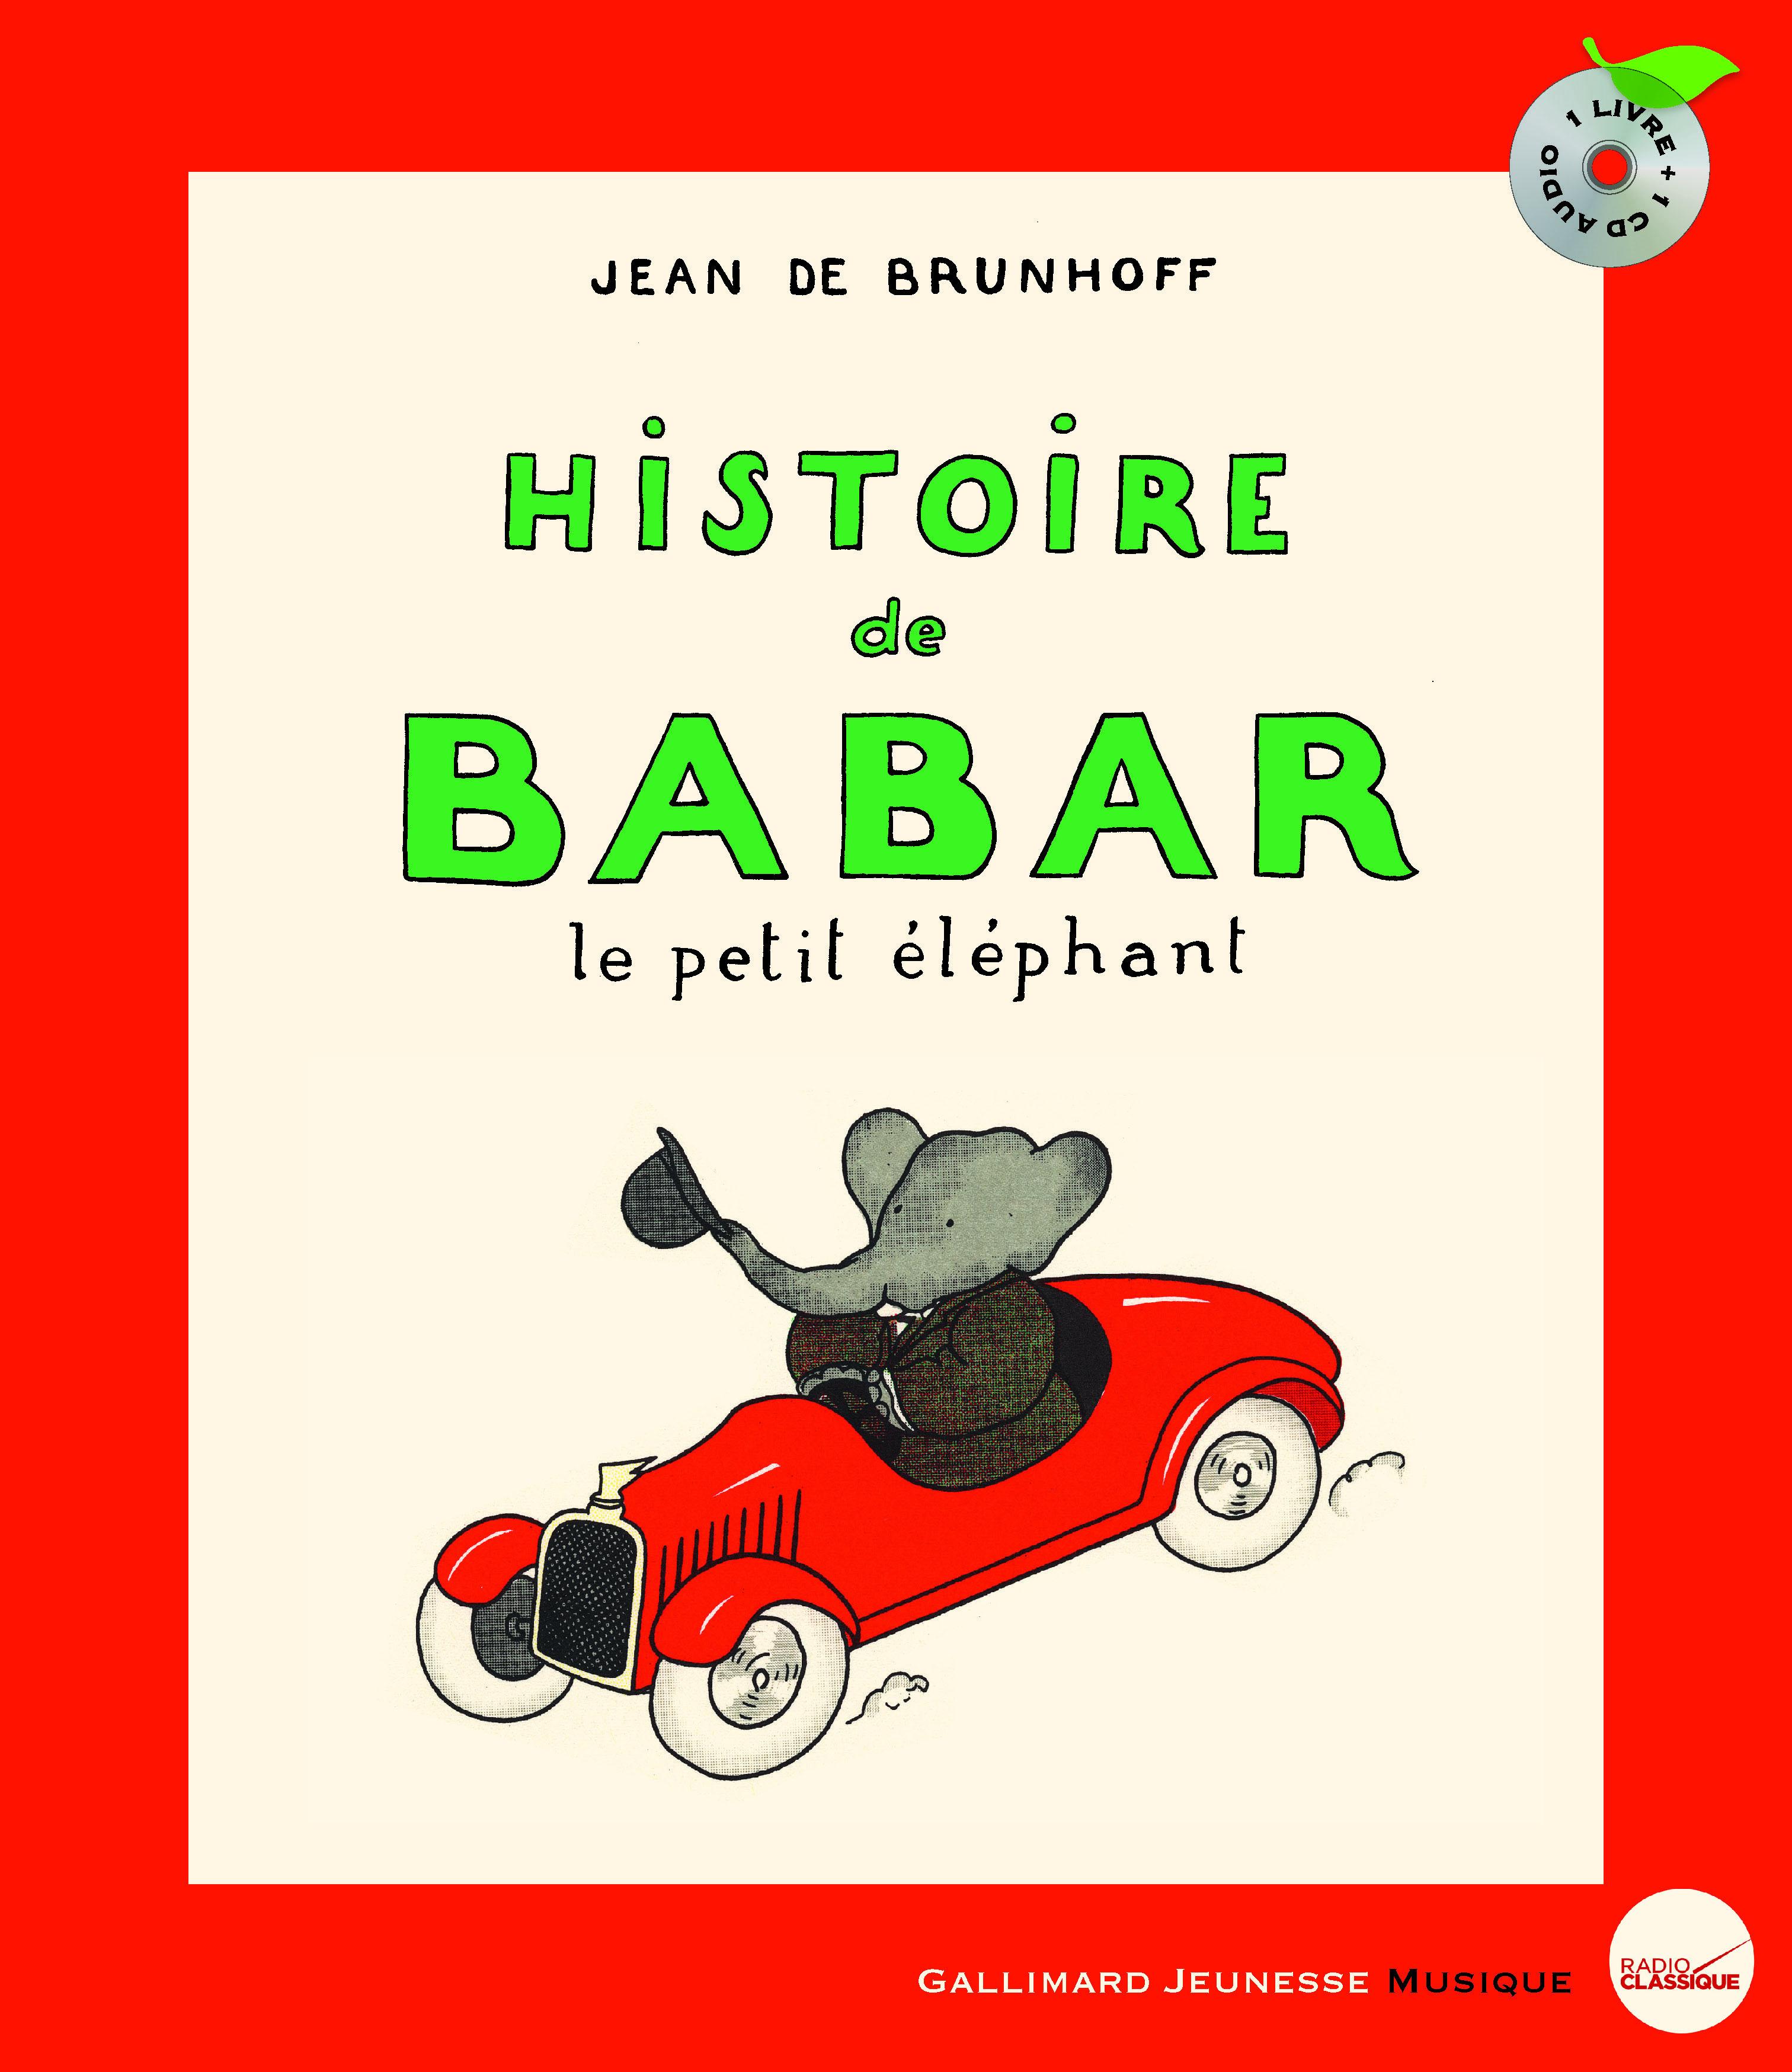 Connu Histoire de Babar, le petit éléphant - Hors Série Musique  HL23